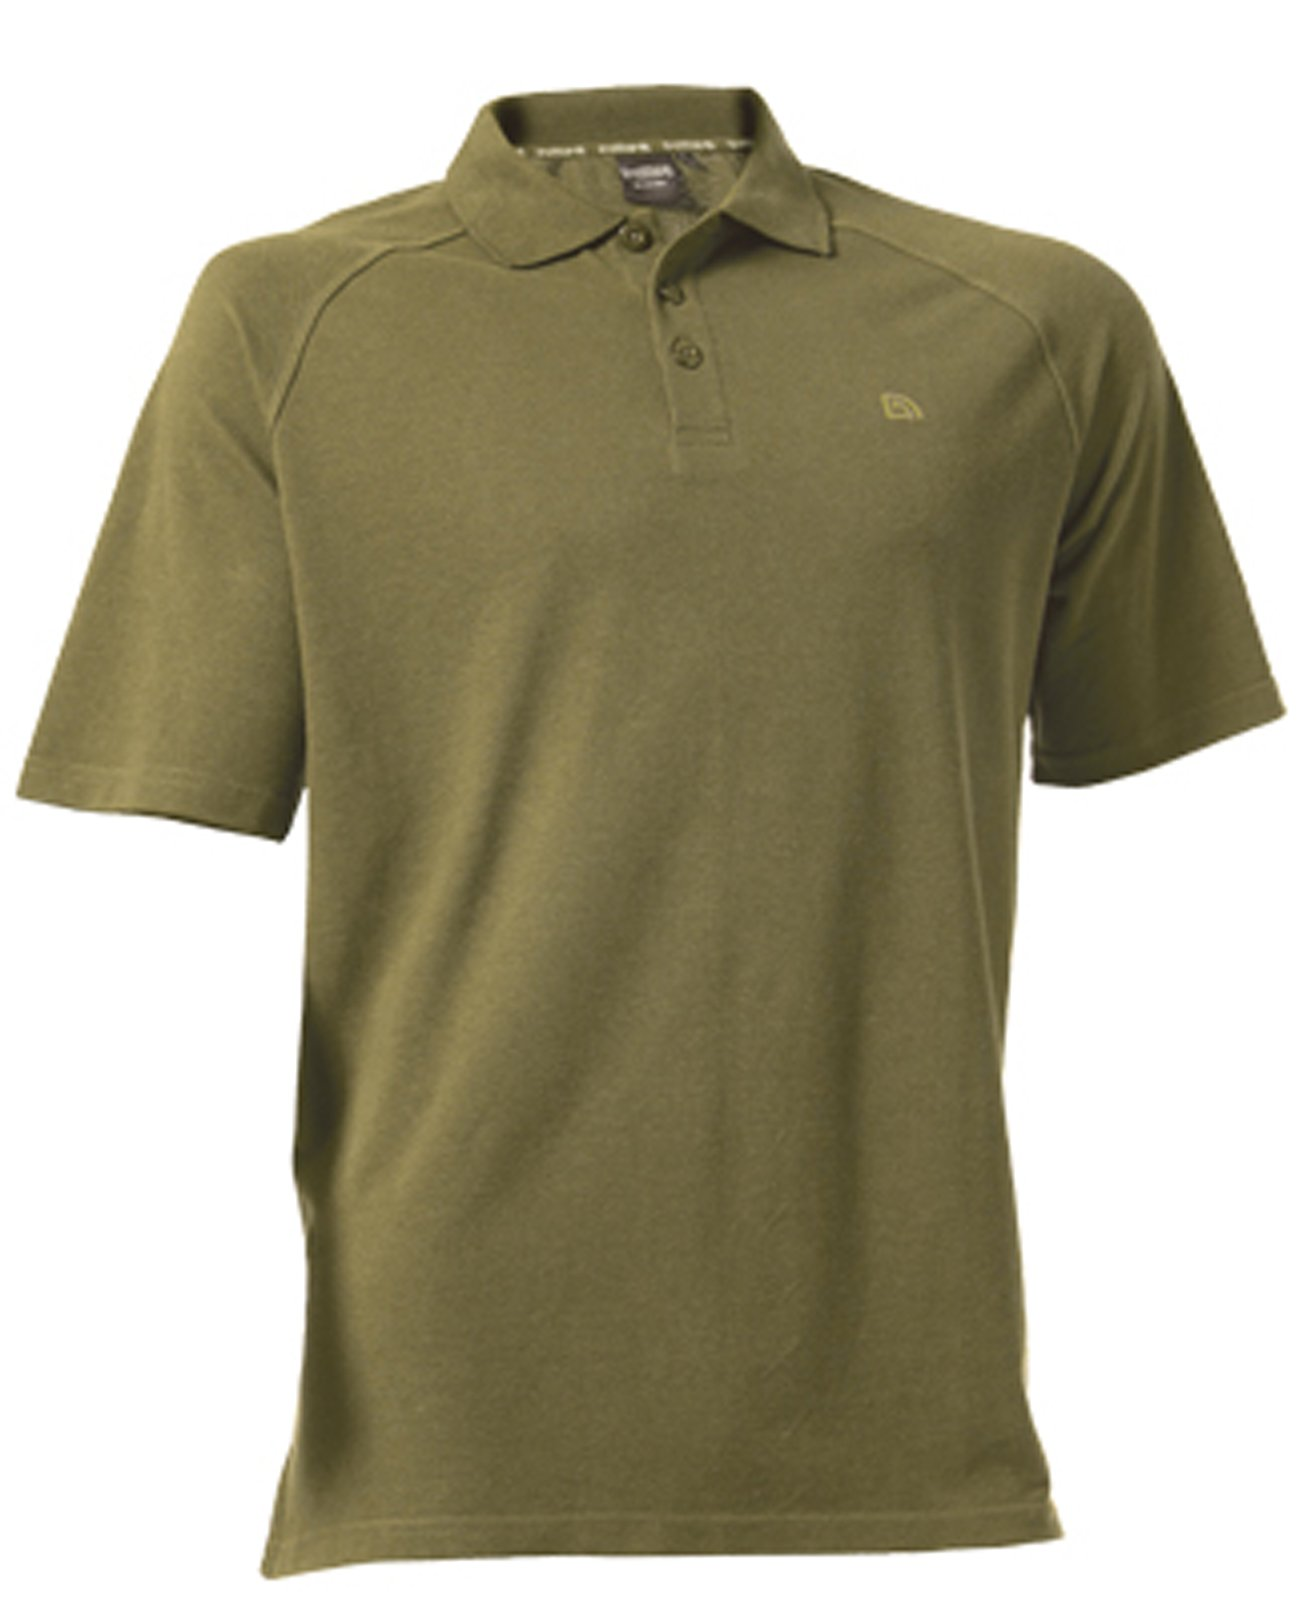 Camisa de Polo en color verde oliva - pequeño por Trakker: Amazon.es: Deportes y aire libre